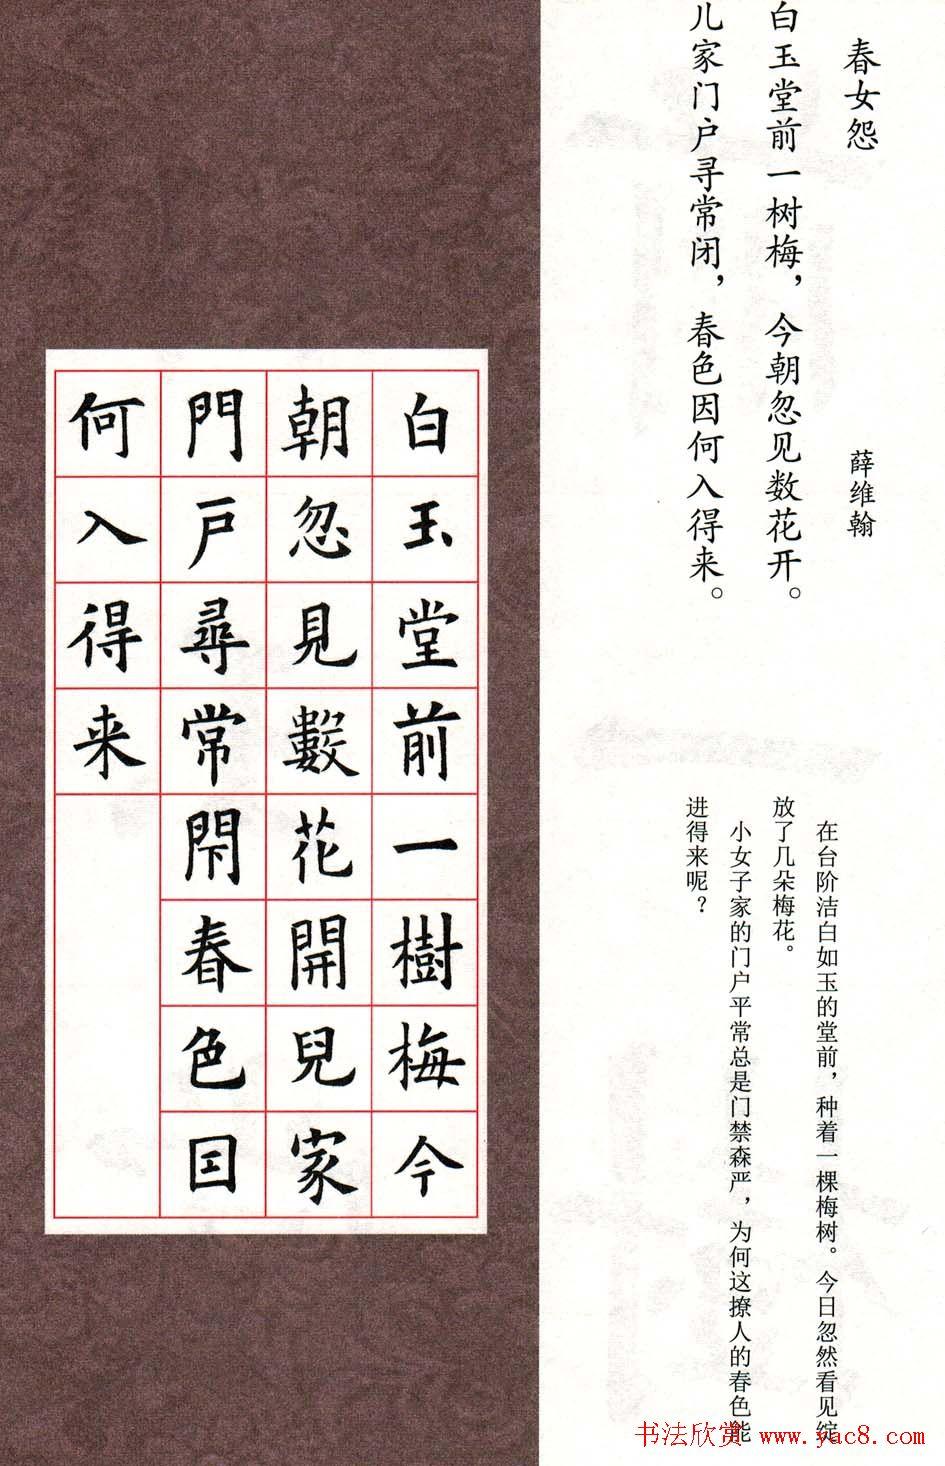 欧体字帖欣赏《欧阳询楷书集字古诗26首》二图片